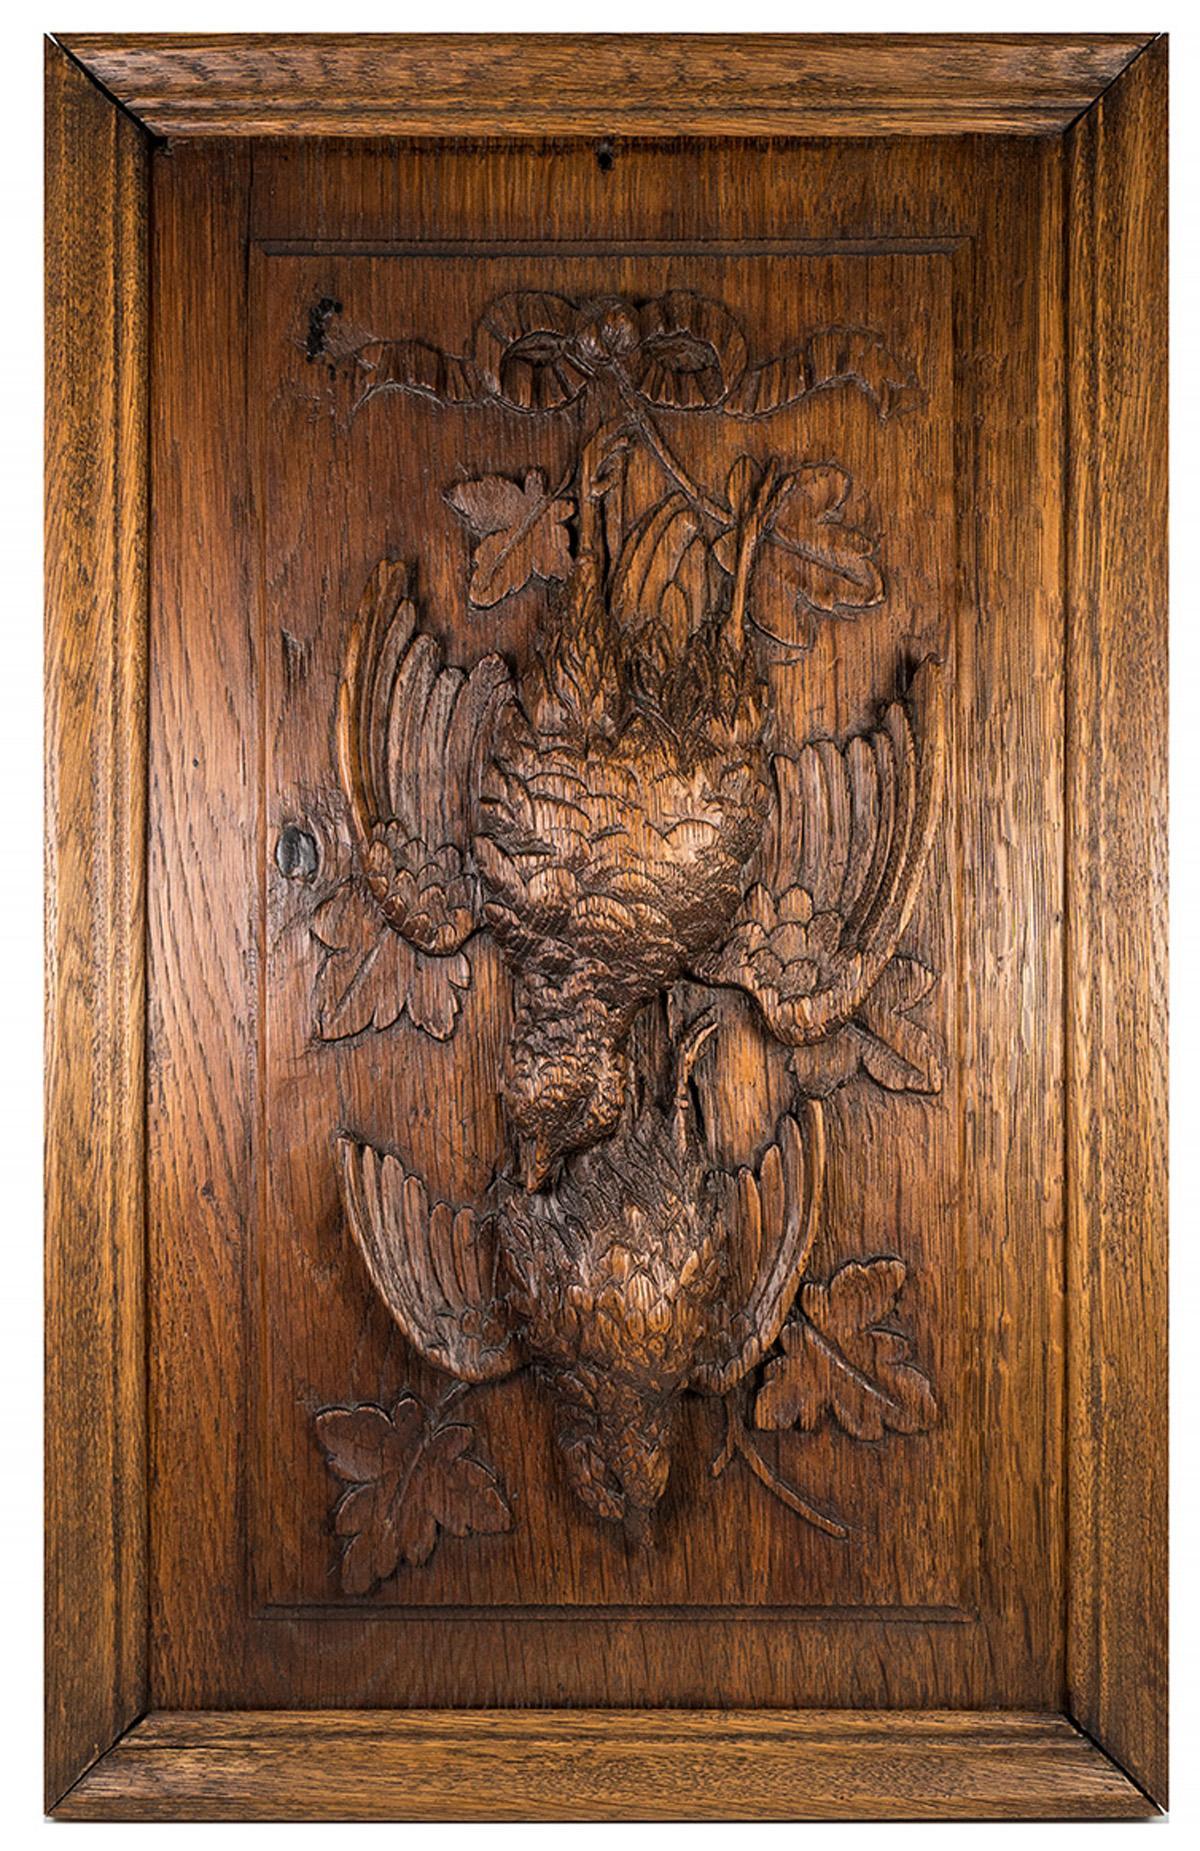 antique black forest carved wood fruits of the hunt plaque nature morte ebay. Black Bedroom Furniture Sets. Home Design Ideas